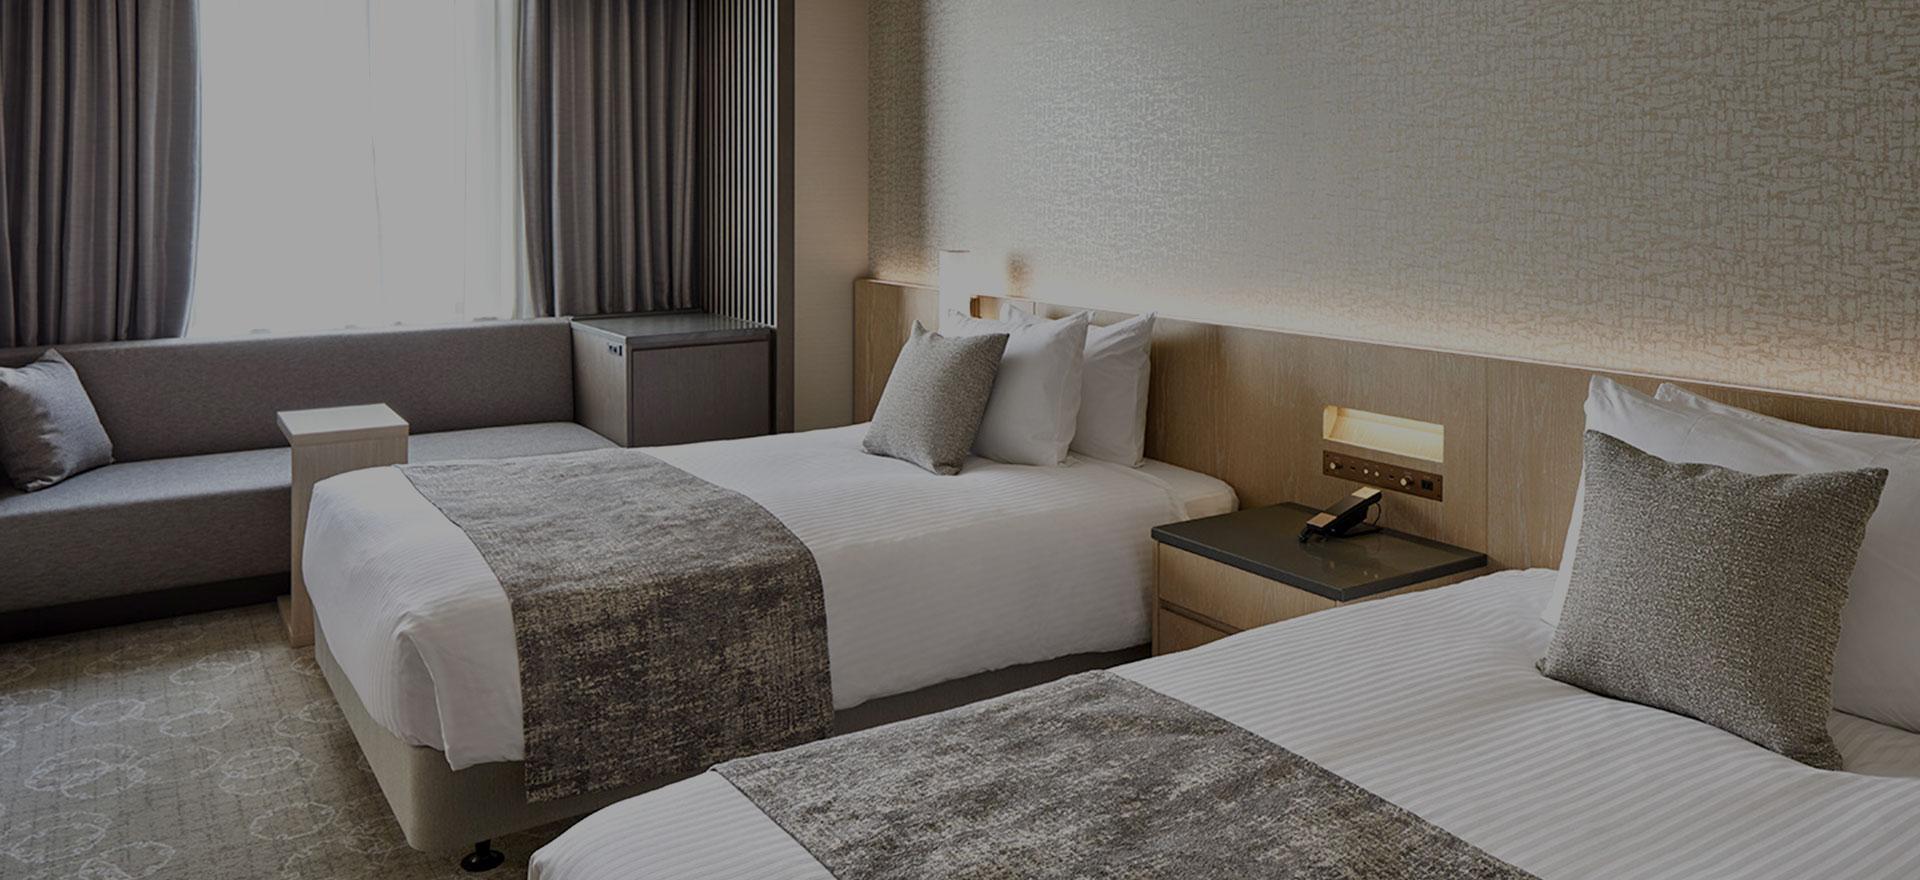 ゆとりある広さのシンプルモダンな空間、機能性とデザイン性を兼ね備えたお部屋。